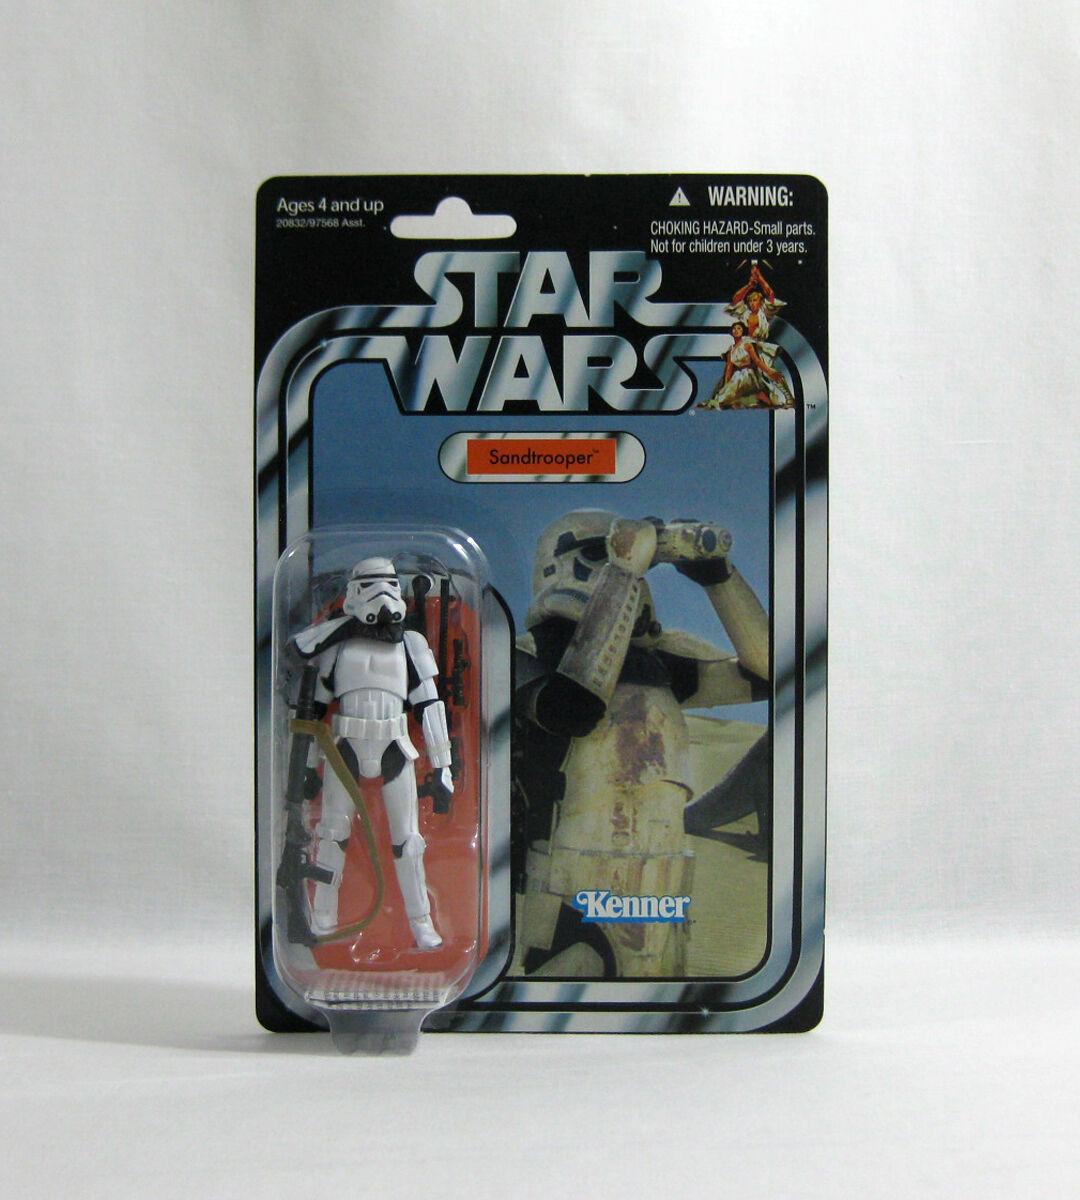 NEW 2010 Star Wars ✧ Sandtrooper ✧ Vintage Collection VC14 MOC